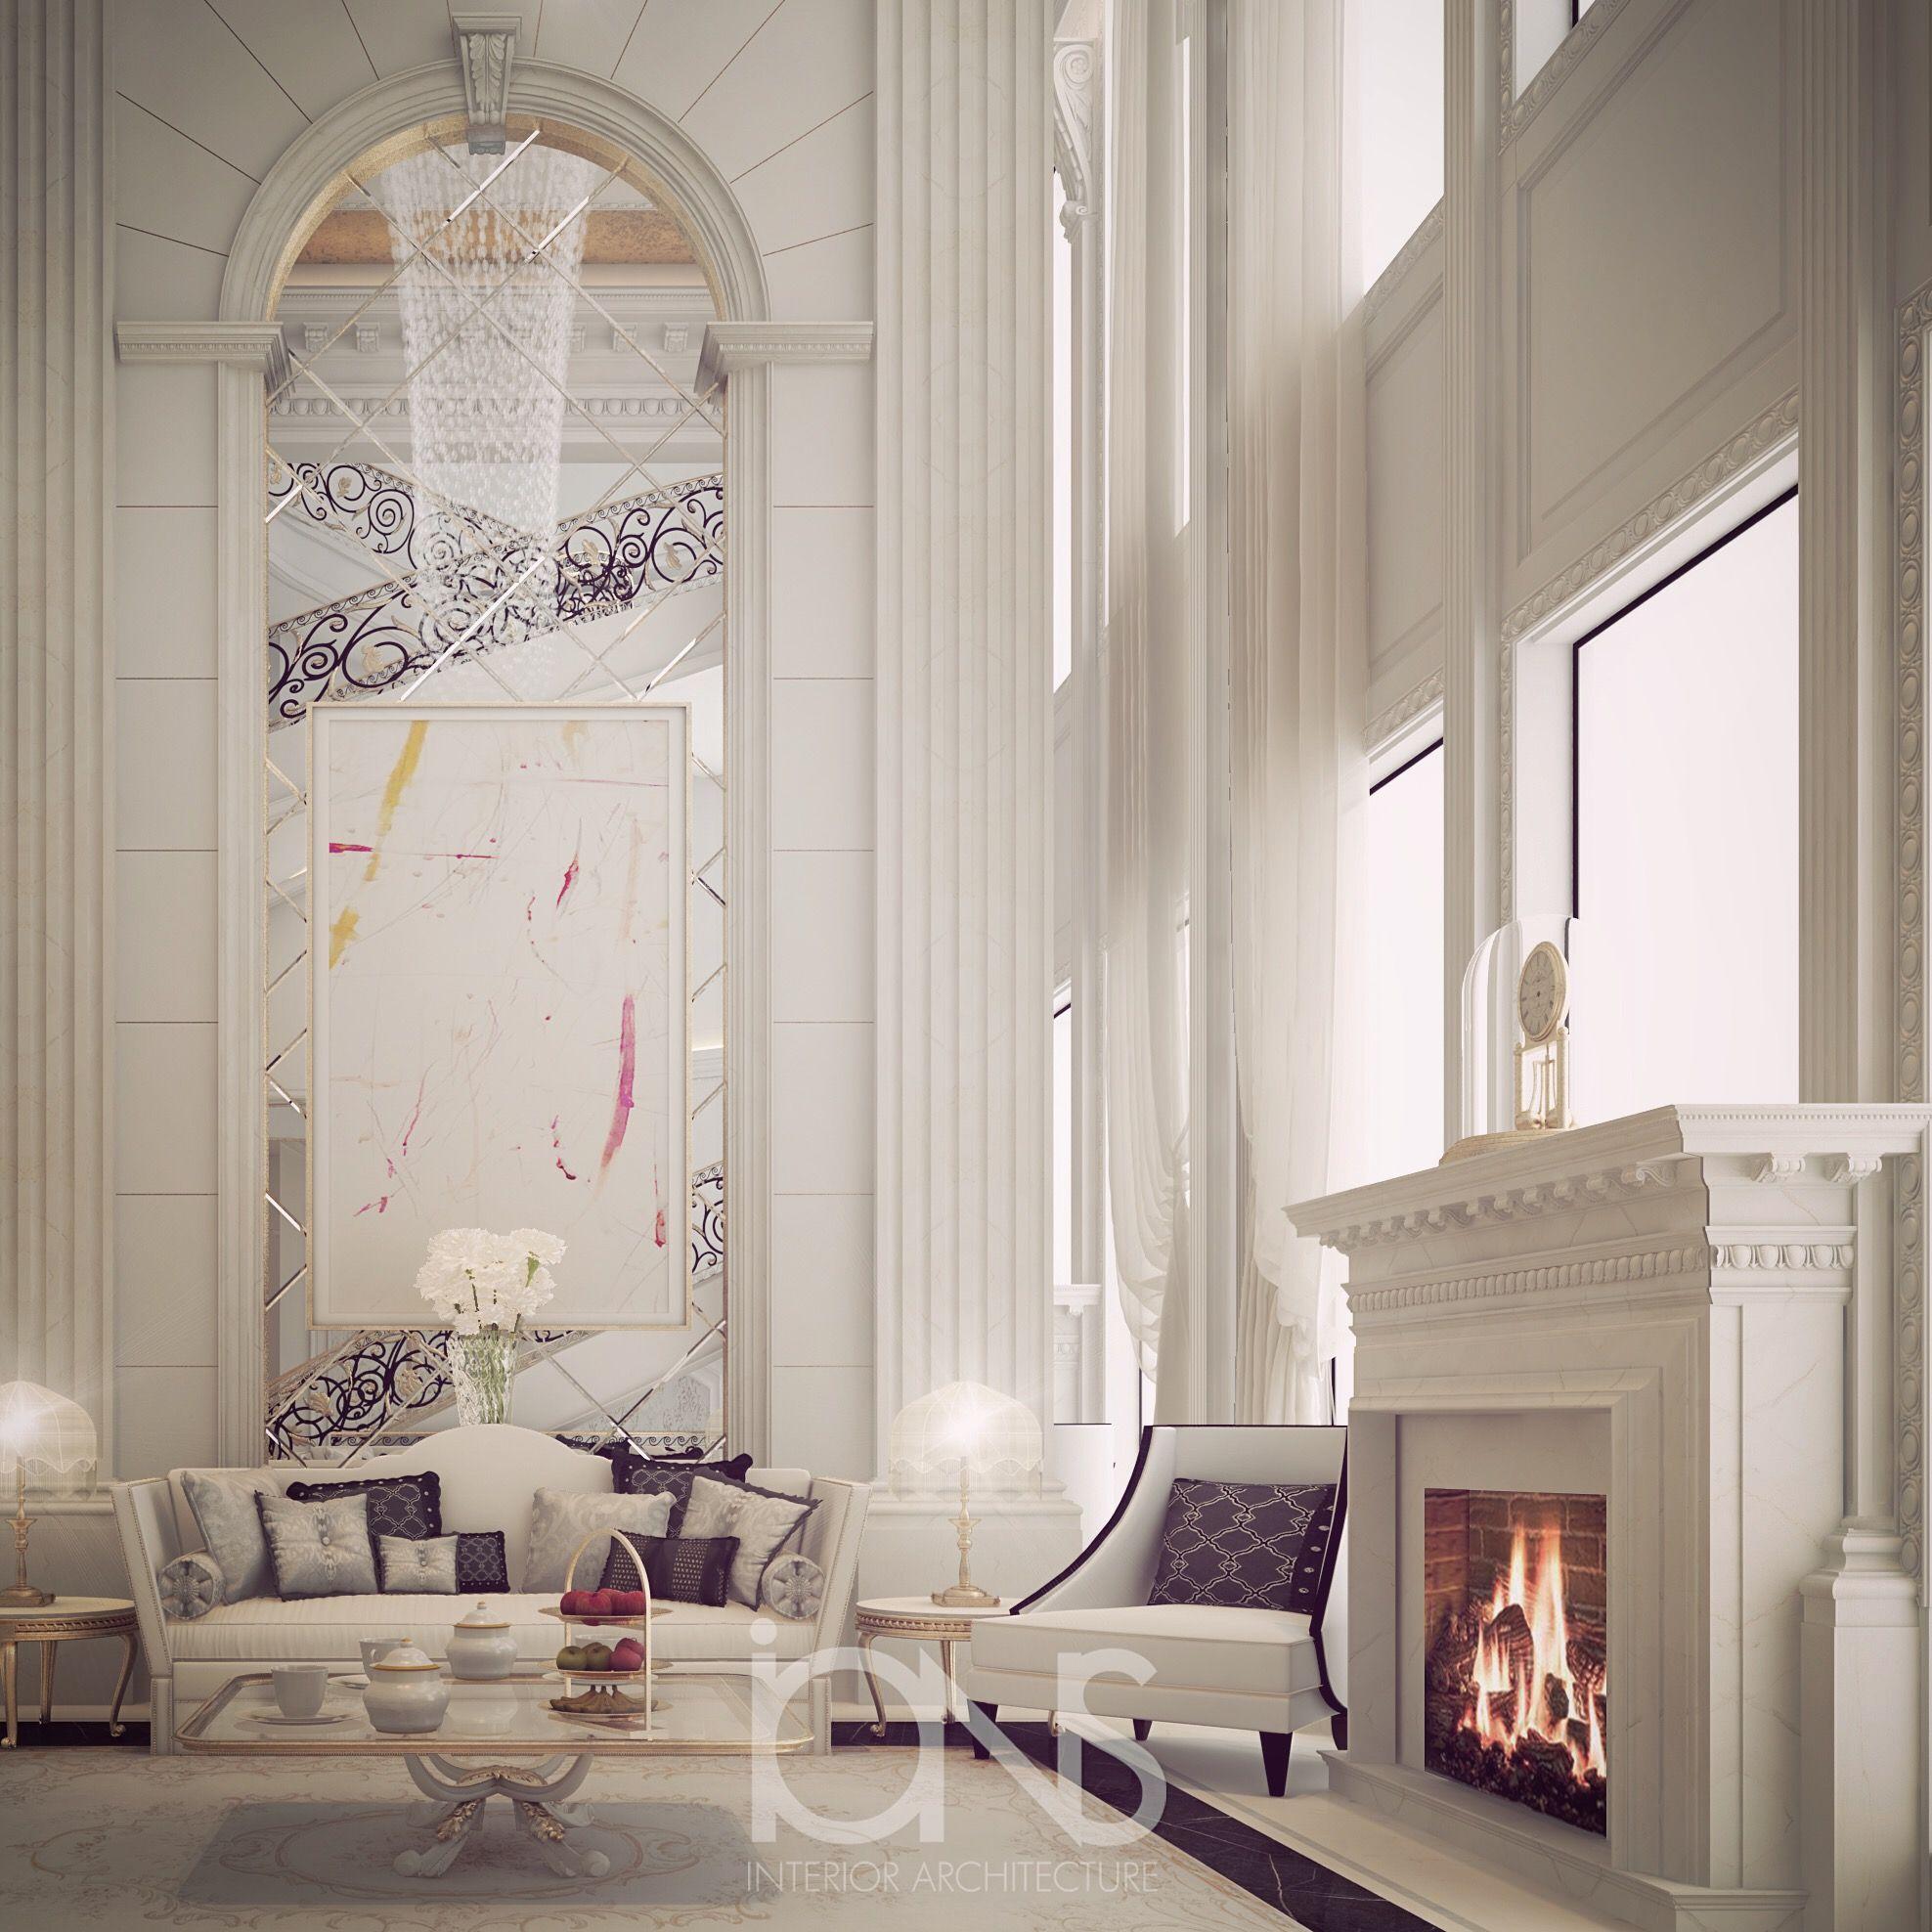 Fireplace lounge design doha qatar versalle pinterest for Innenarchitektur unternehmen